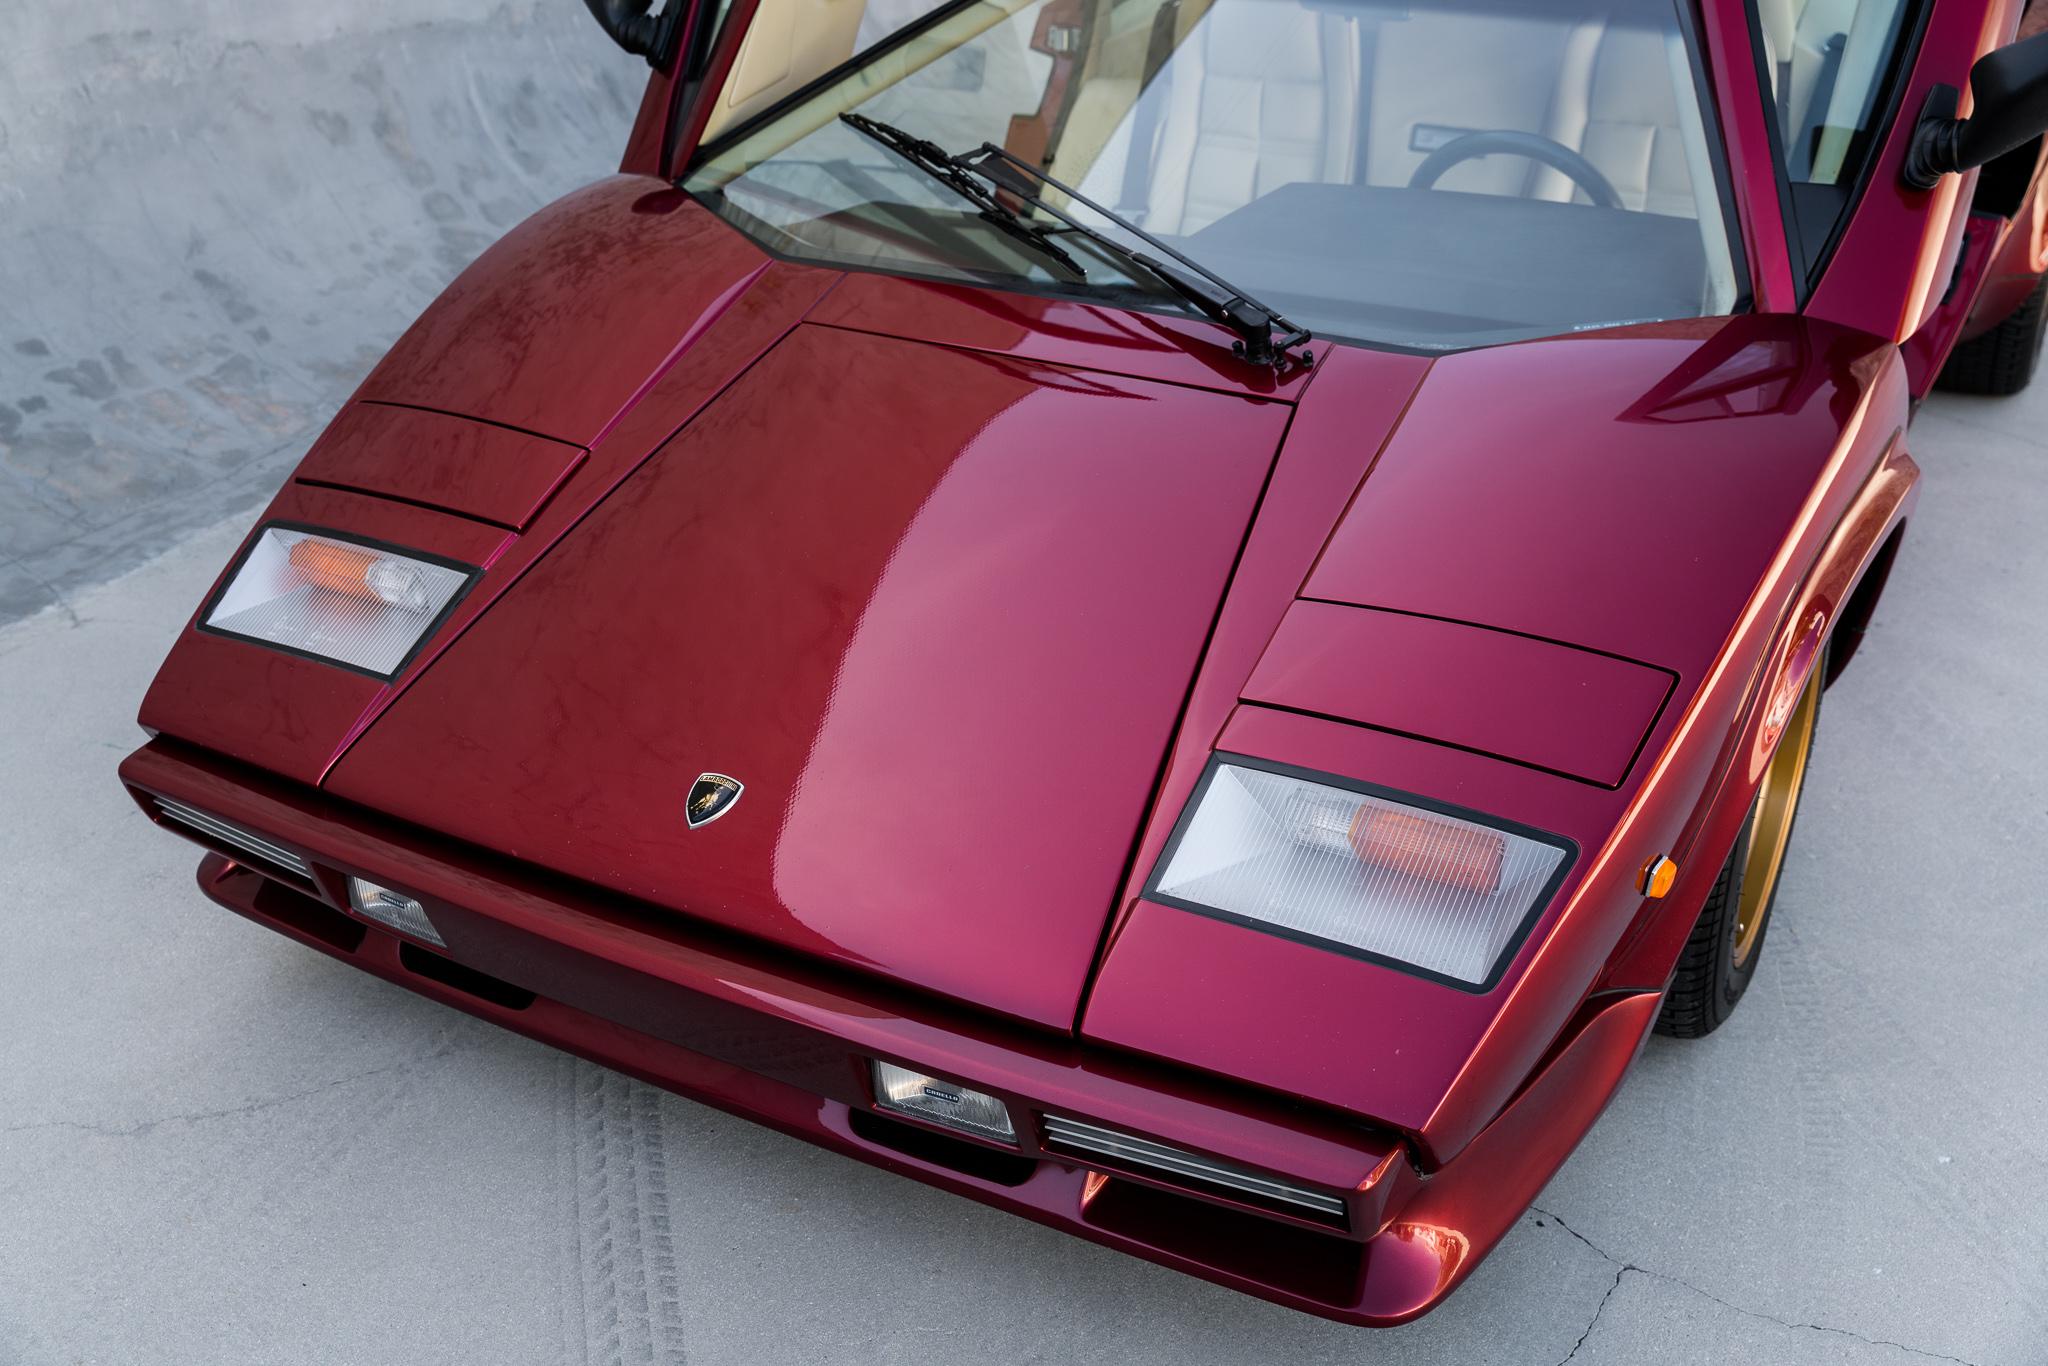 Countach LP500 Quattrovalvole.lp500qv138 - HR image at ...  |Lamborghini Countach Reverse